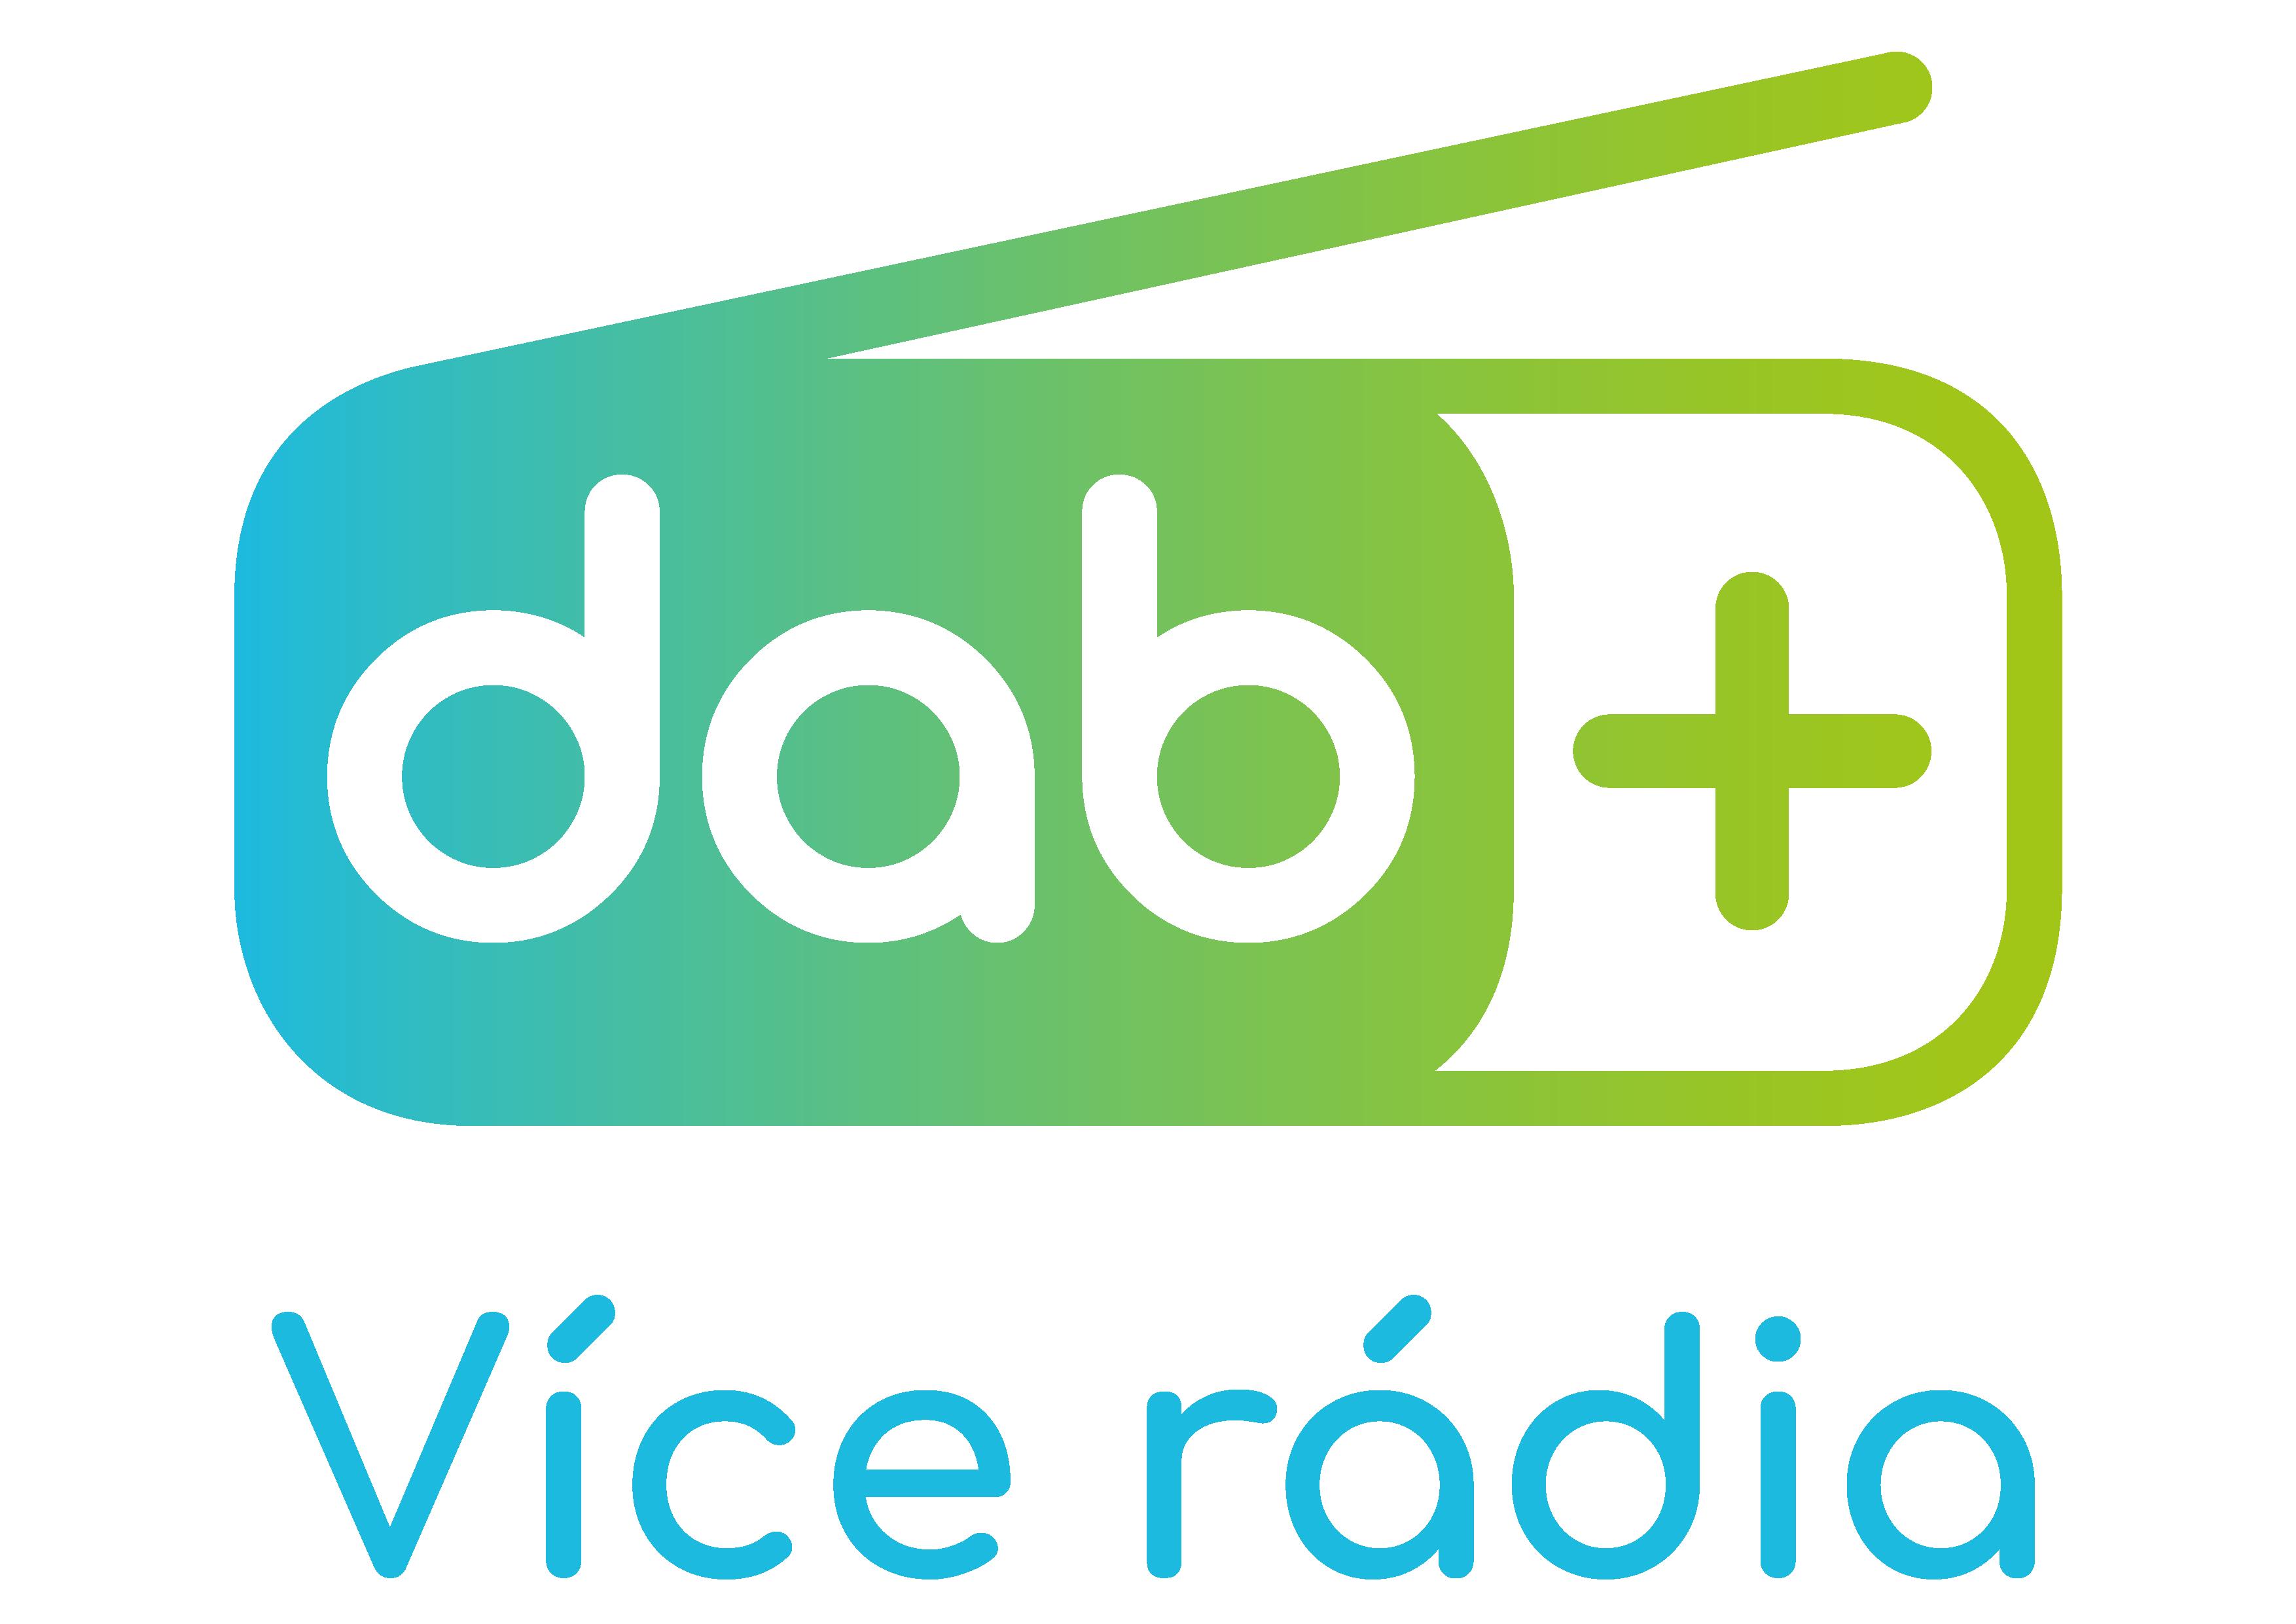 Logo bude součástí každé kampaně Českého rozhlasu. Zdroj: Český rozhlas